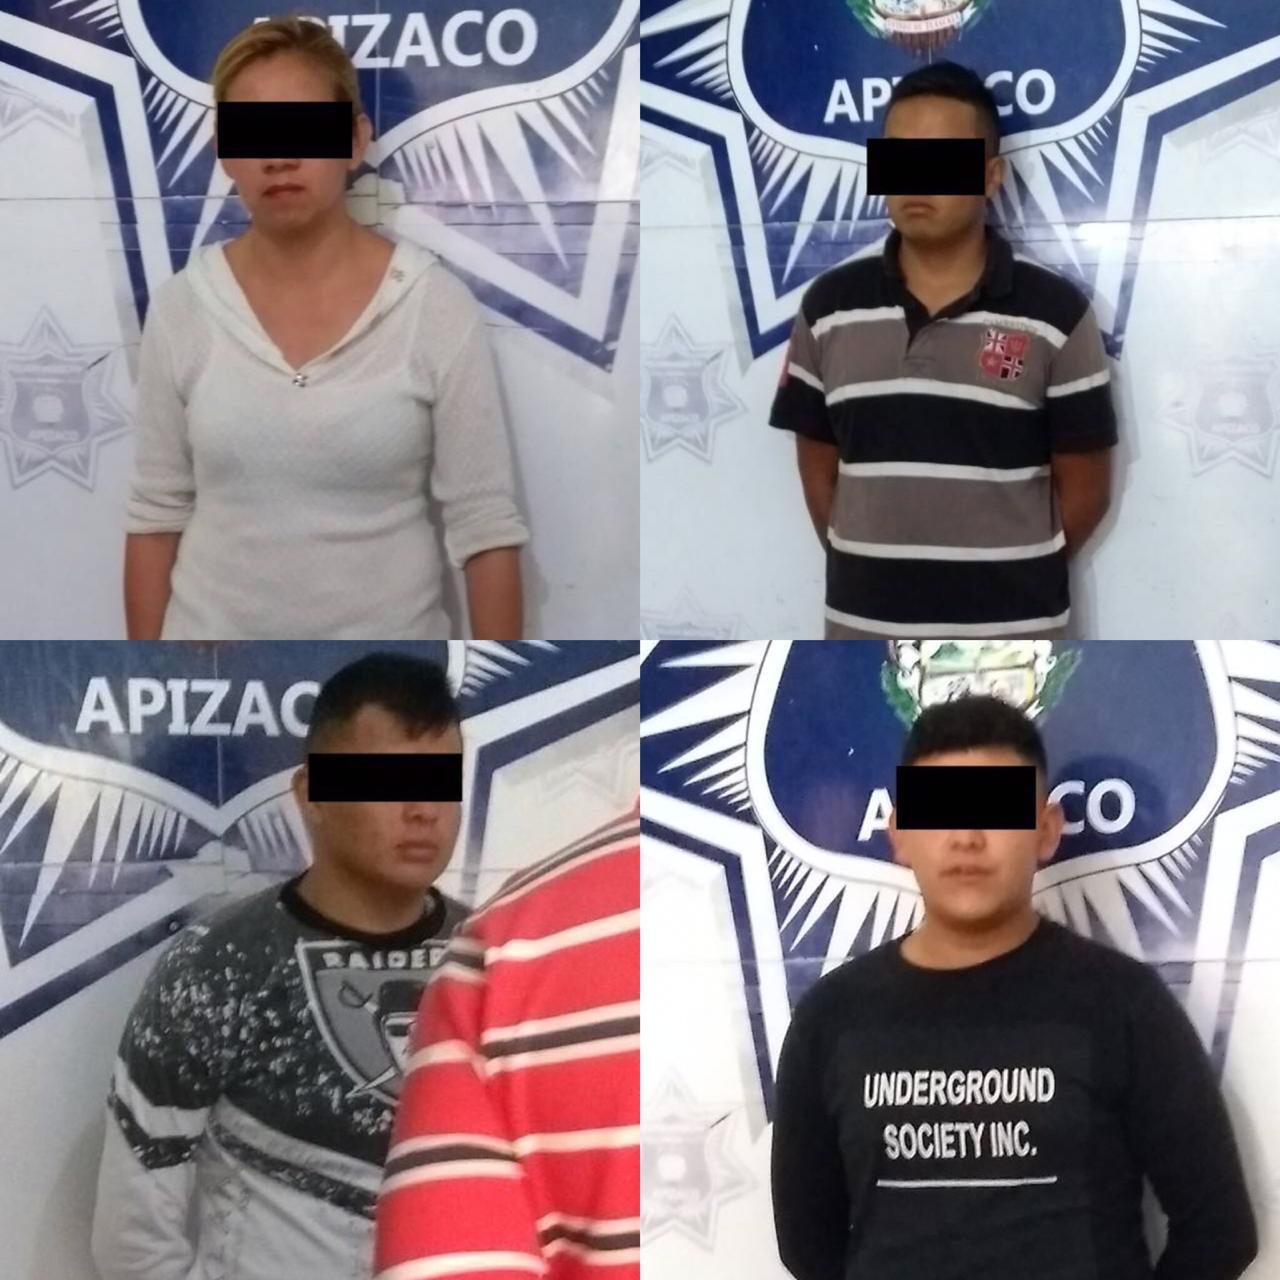 Sentencian a secuestradores detenidos por la policía de Apizaco